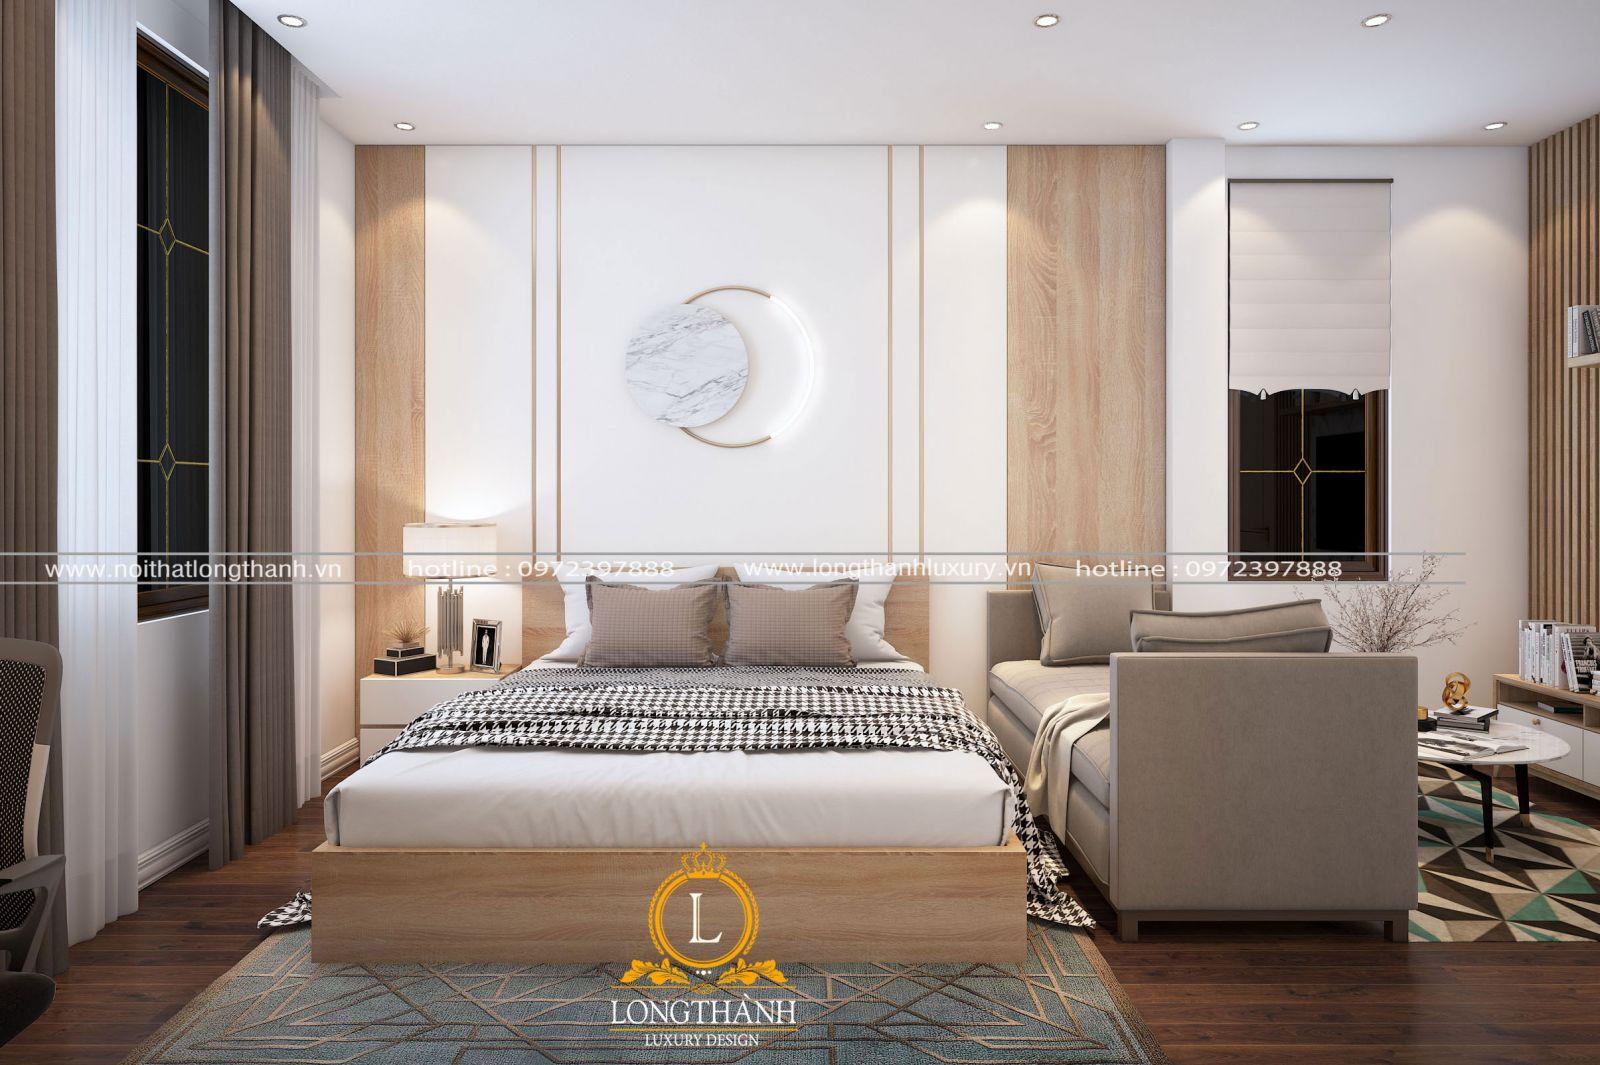 Thiết kế phòng ngủ nhà phố theo phong cách hiện đại với chất liệu đa dạng